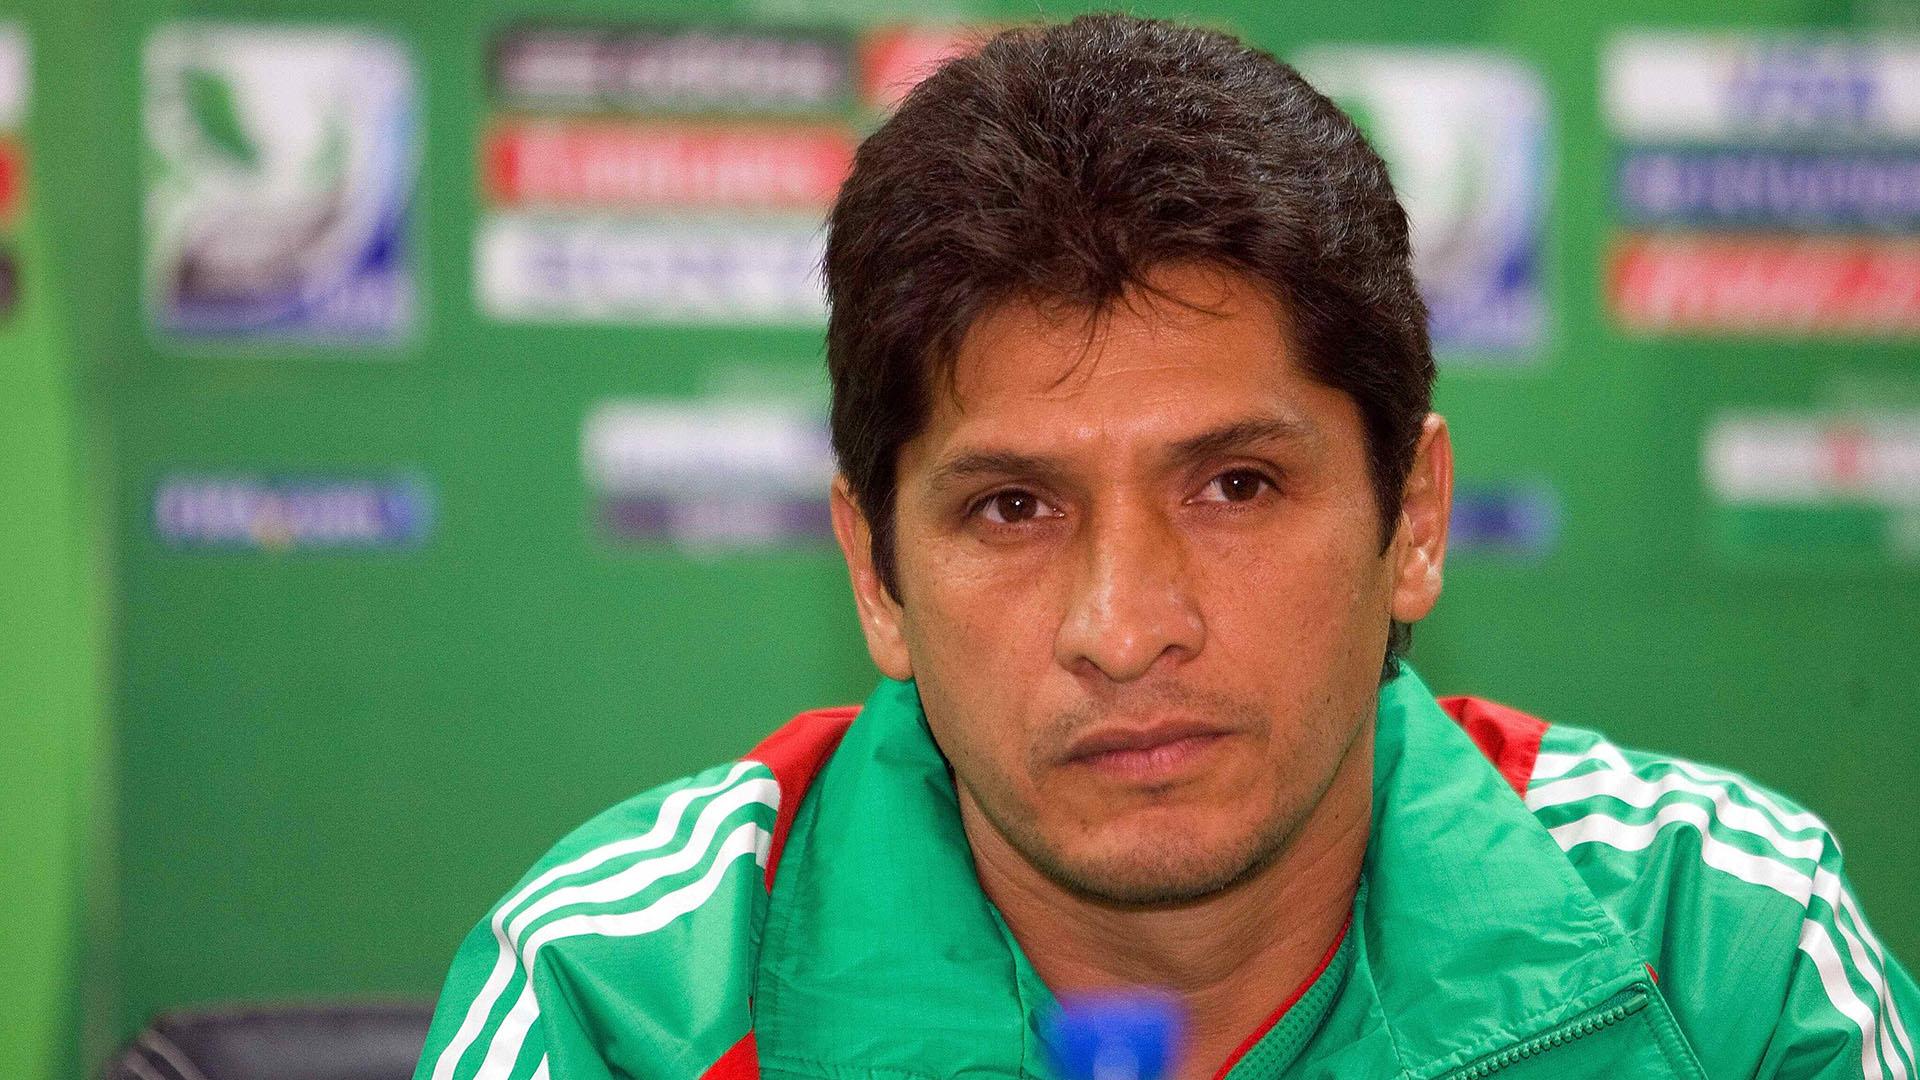 José Luis González, Director de Futbol, Liga MX, Ascenso MX, Veracruz, Integra, Refuerzo, Lucha, No descender, Nuevo, Jarochos, Tiburones